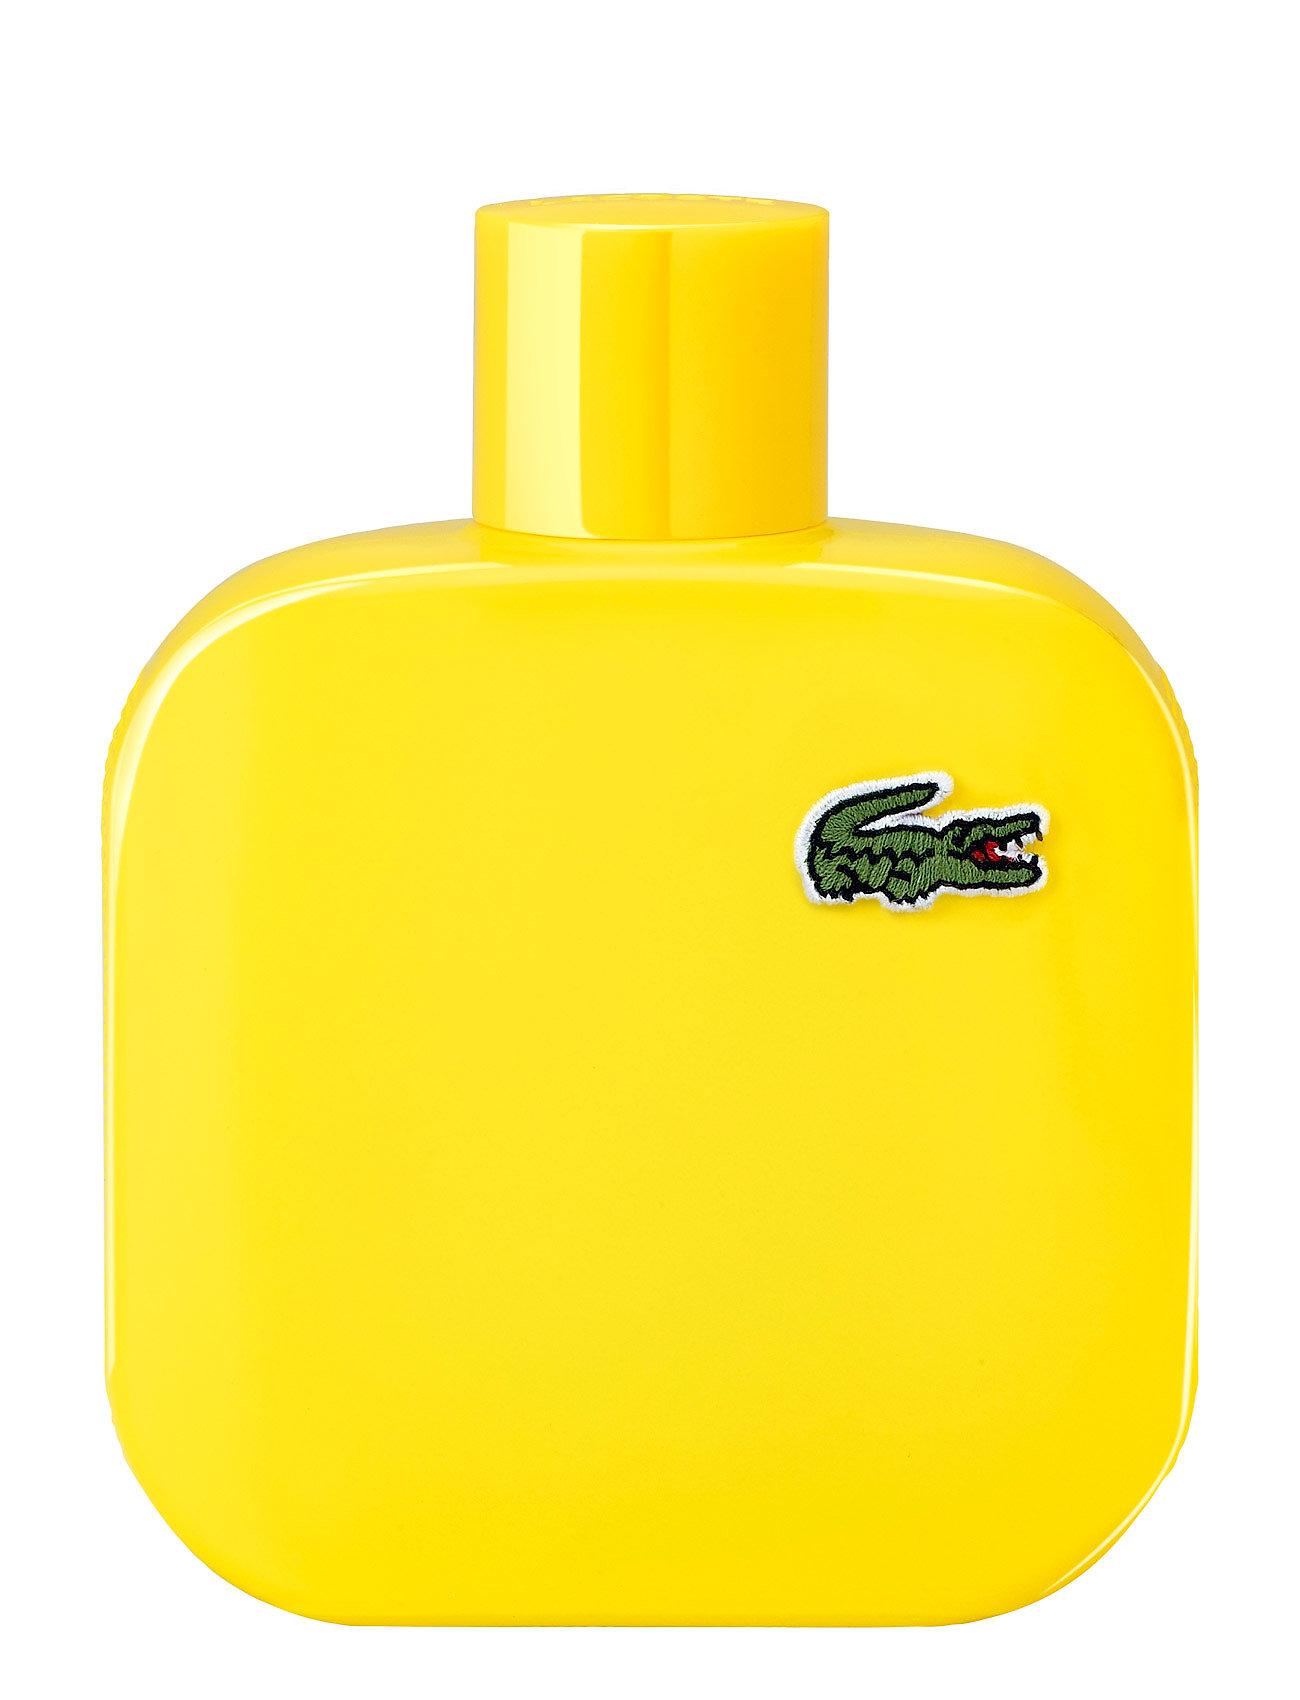 lacoste fragrance – Lacoste l12.12 yellow ph eau de toi fra boozt.com dk